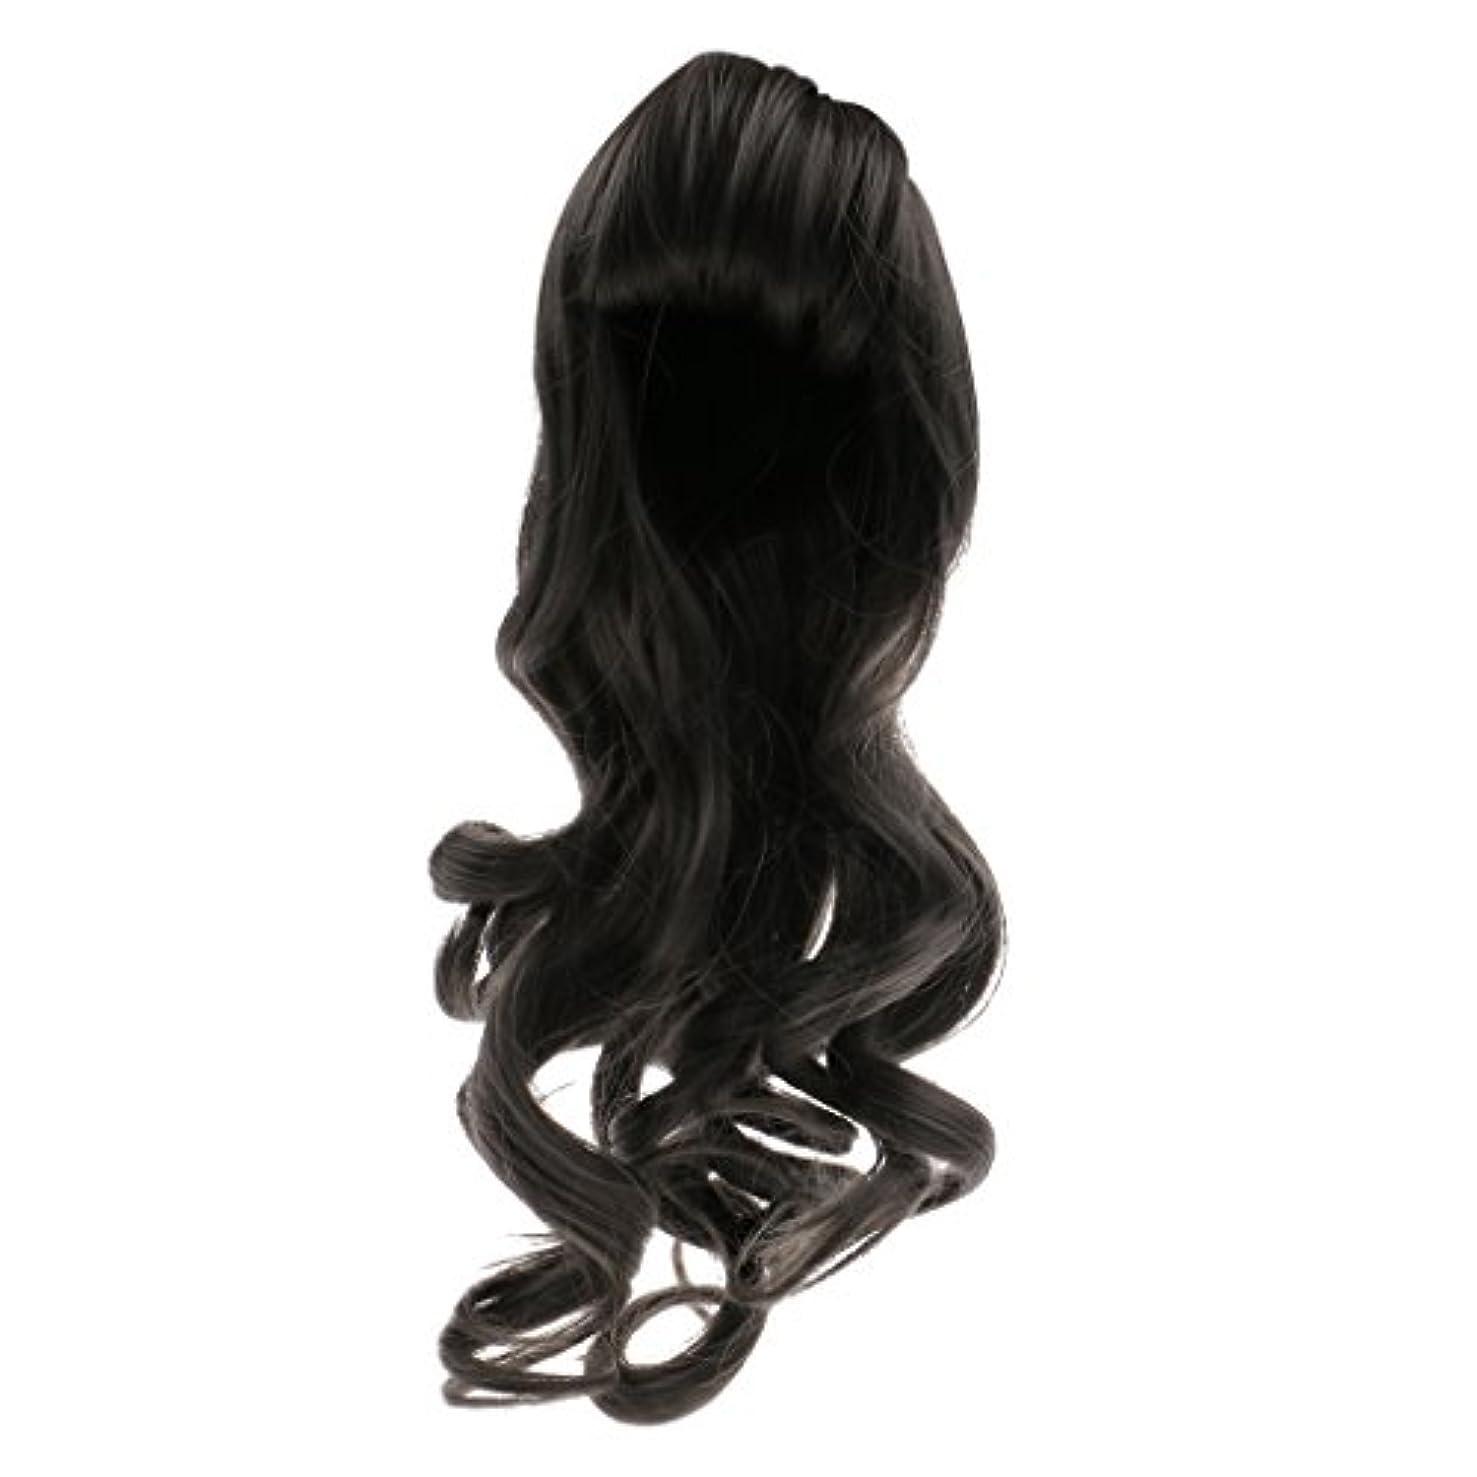 コンベンション辛な姉妹人形用 ドールウィッグ かつら 巻き毛 波状髪 セクシー 前髪 ブライス人形適用 全6色選べ  - #1